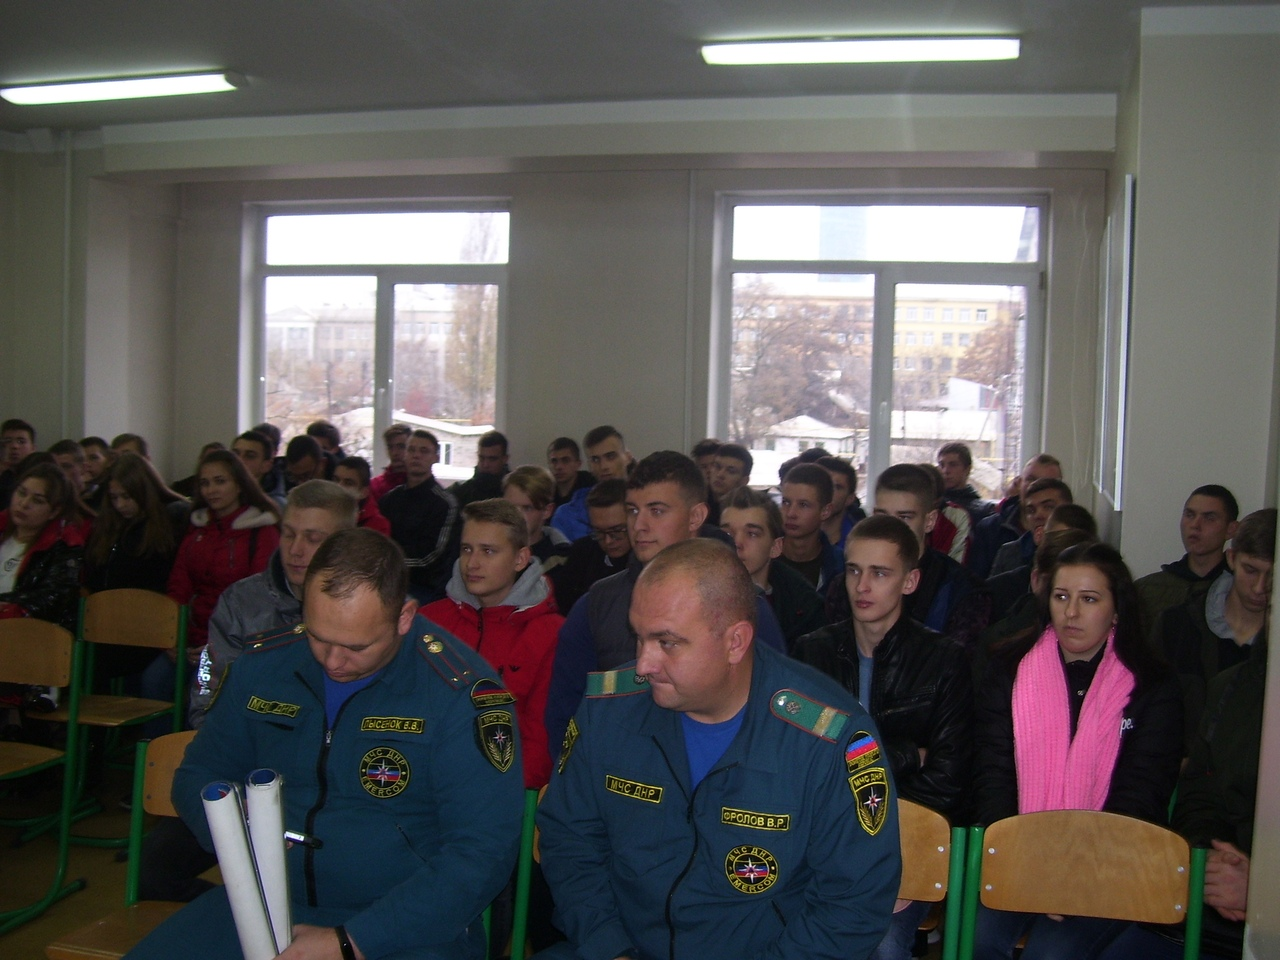 13 ноября 2019 г., в гостях у студентов и преподавателей Донецкой академии транспорта были представители Народной Дружины и МЧС ДНР